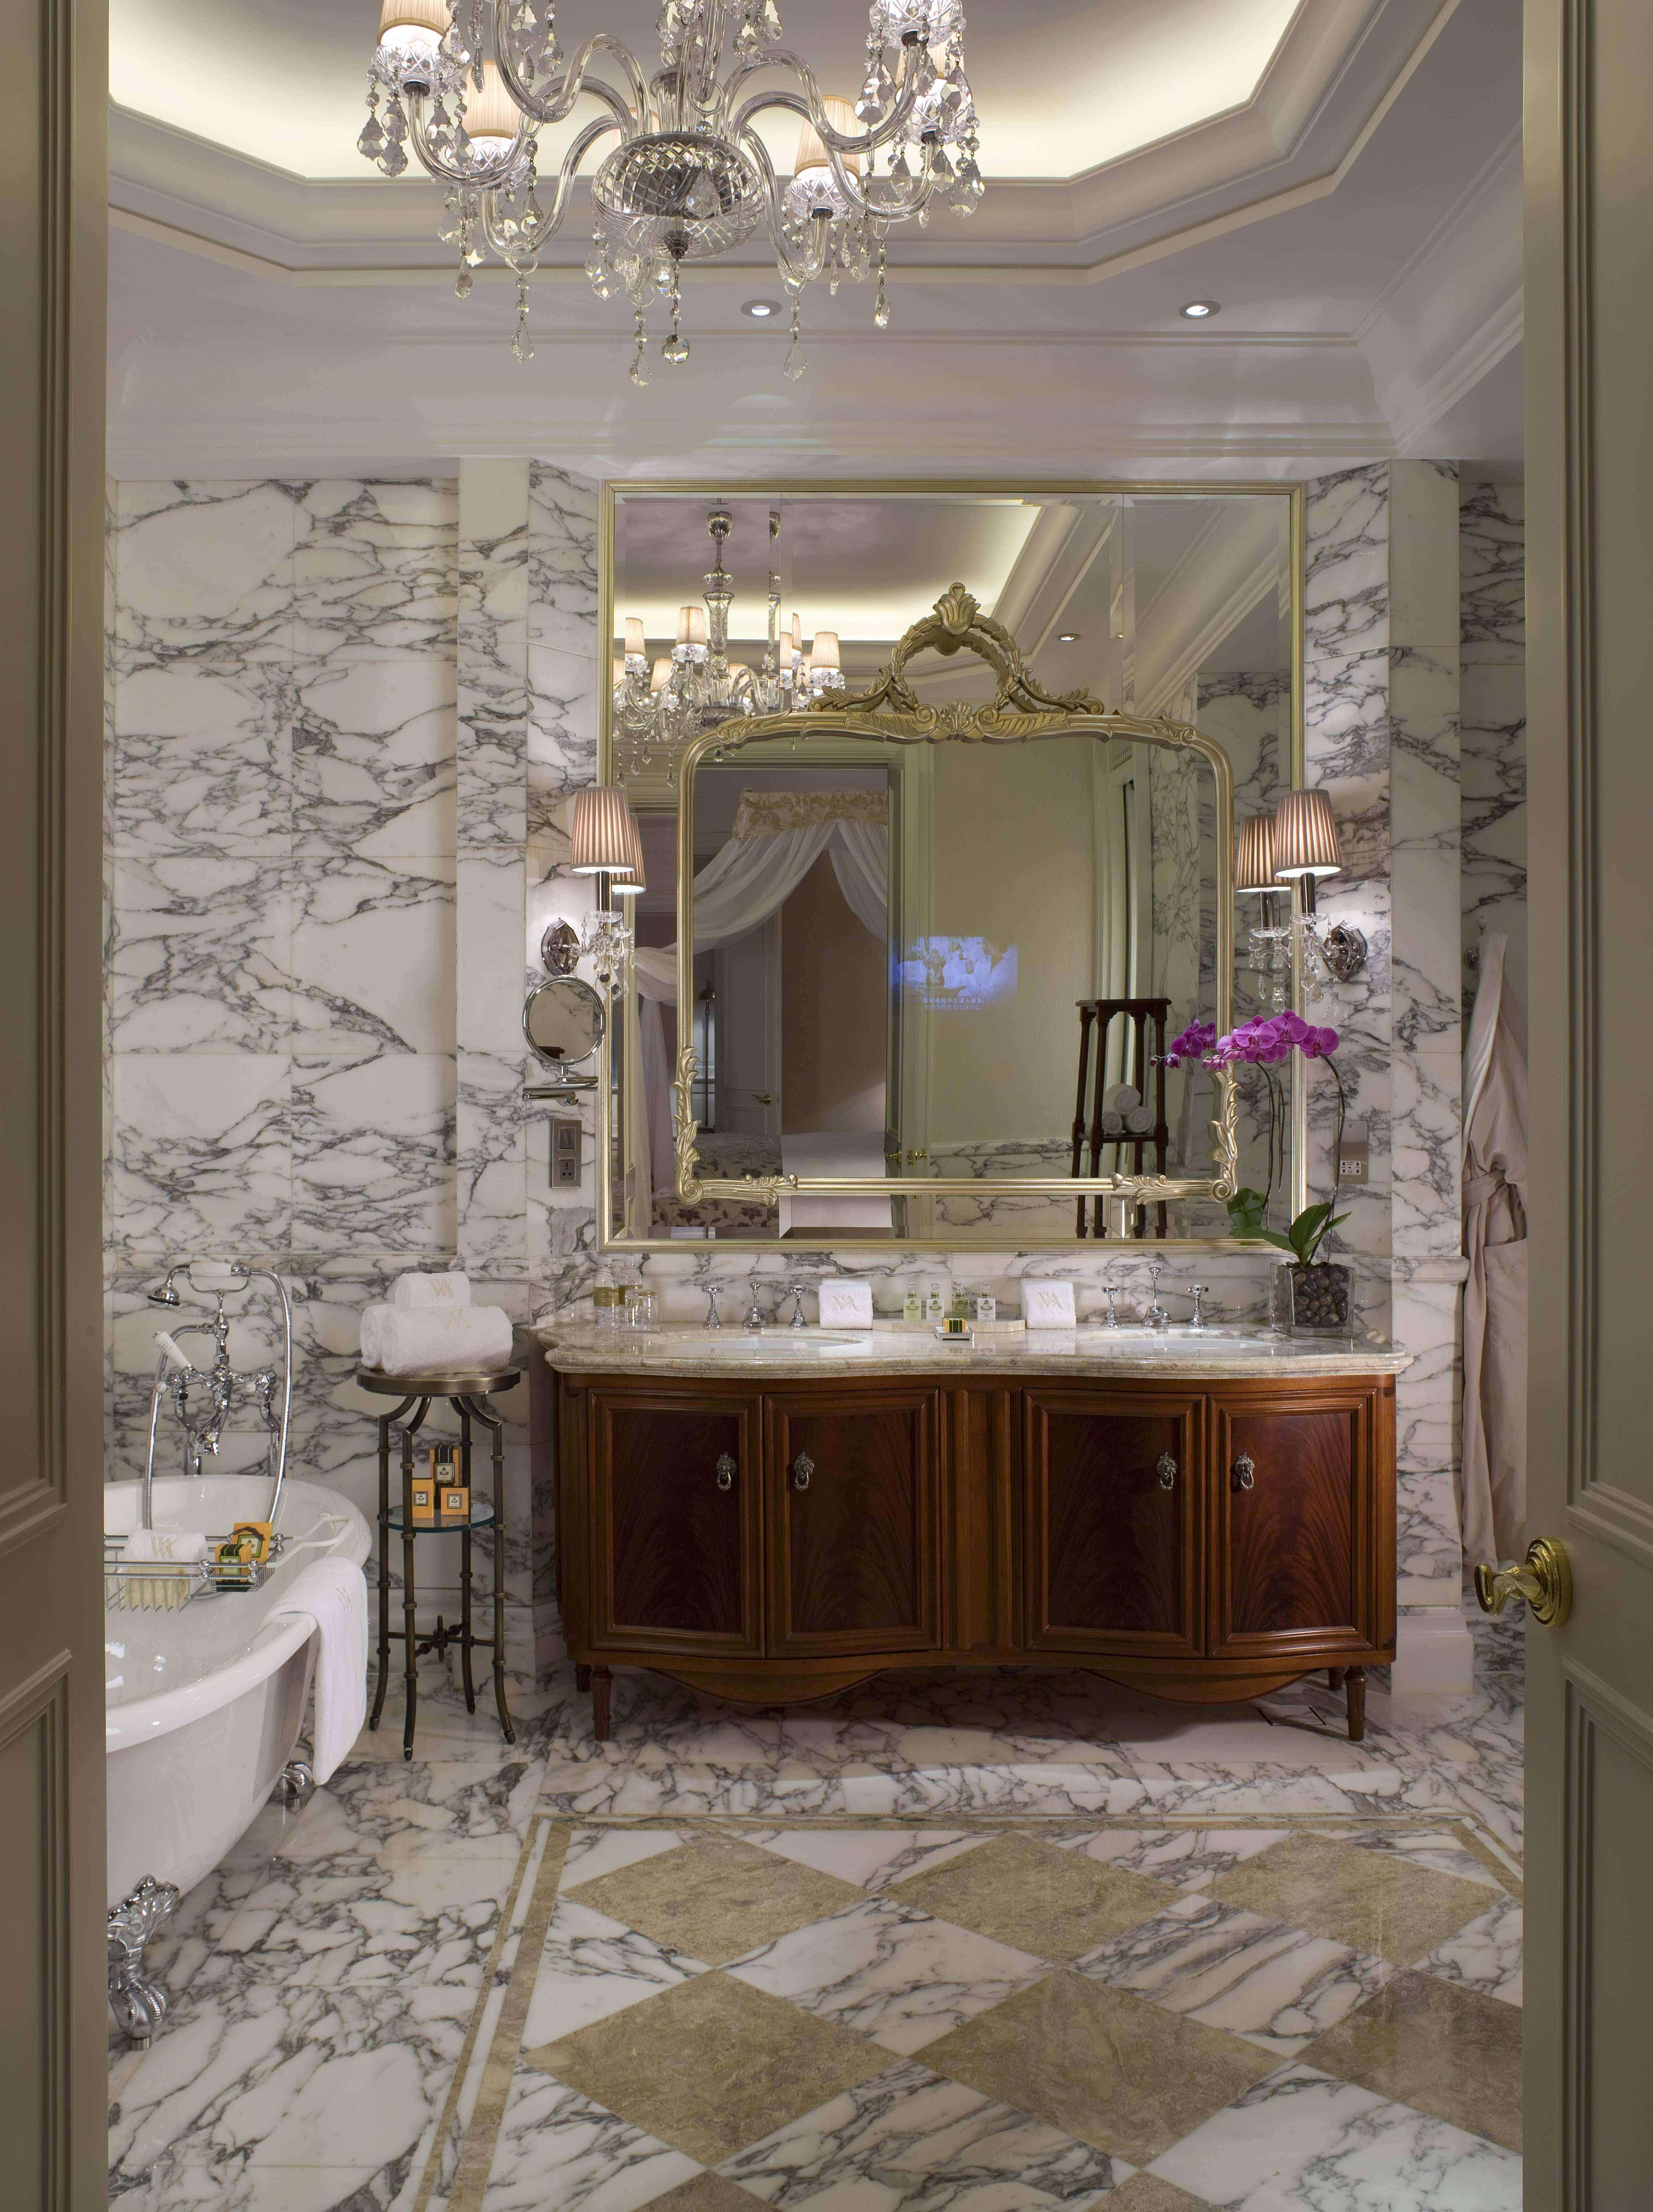 © Waldorf Astoria - Ken Hayden